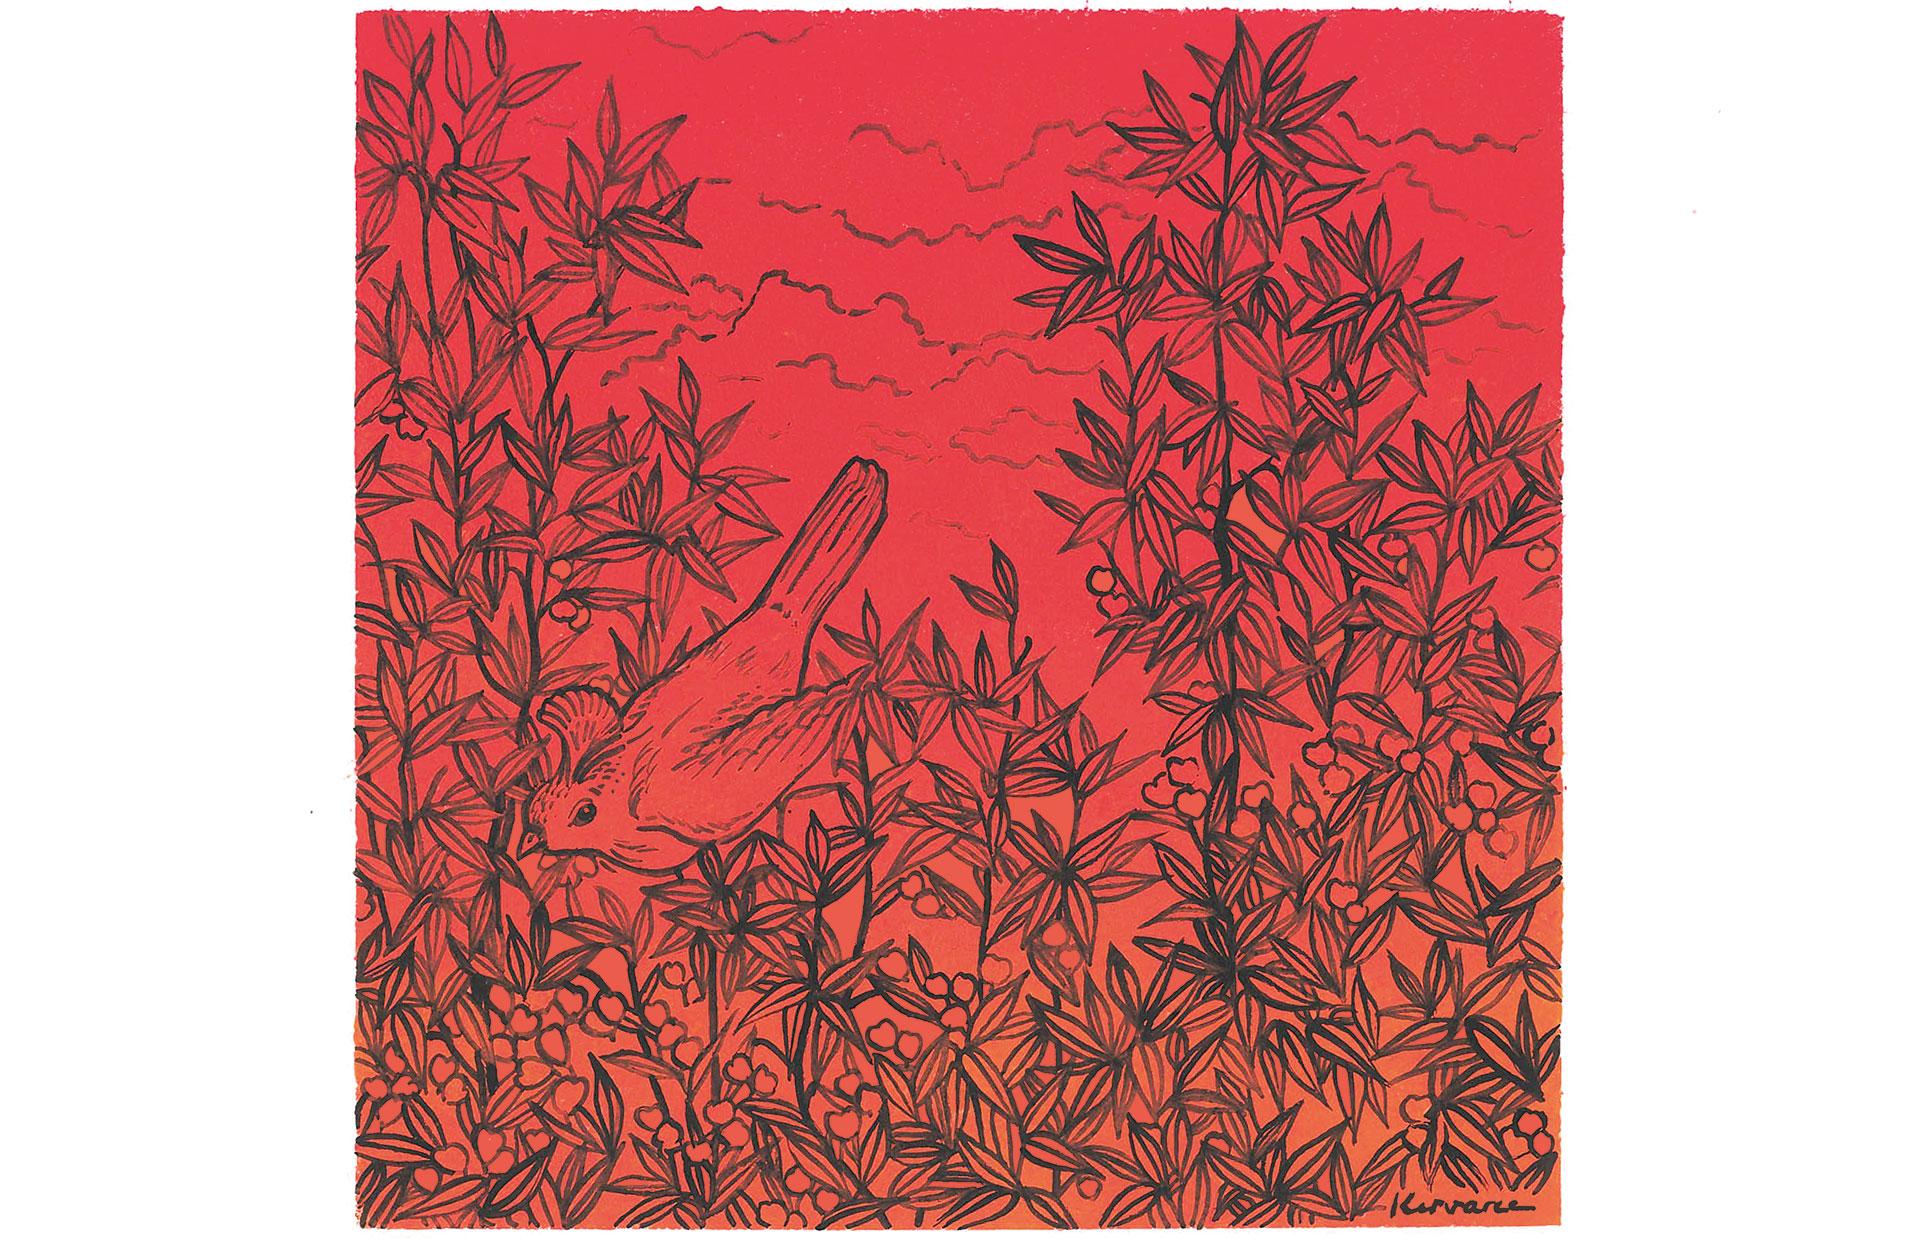 Oiseau sur fond rouge, Anne Kervarec artiste peintre Nantes